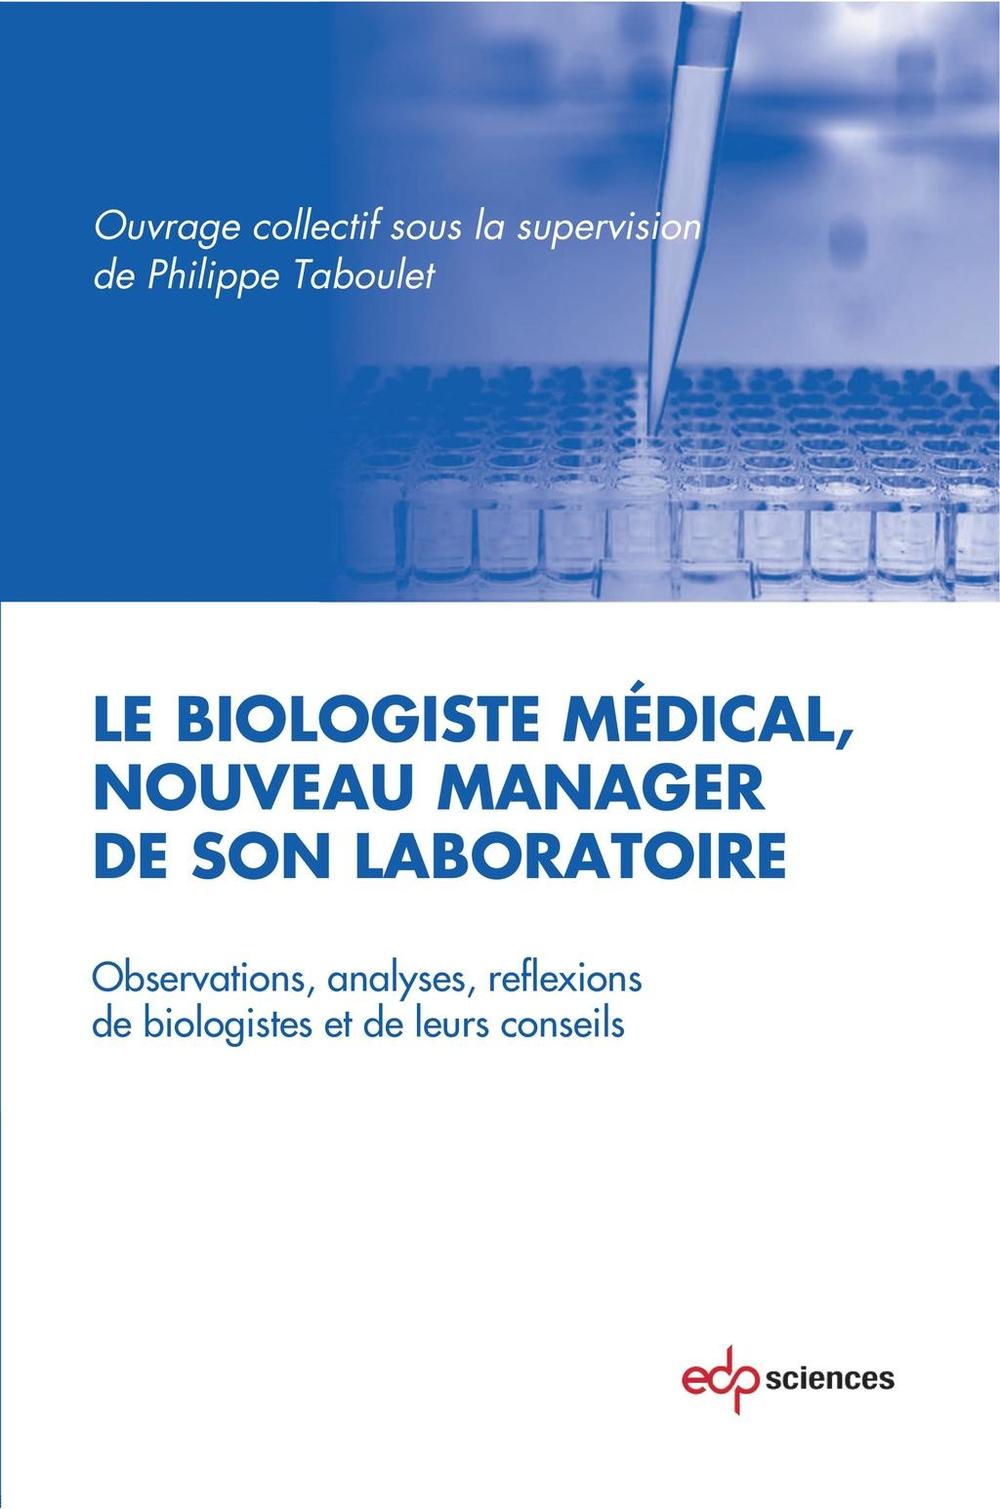 Le biologiste médical, nouveau manager de son laboratoire